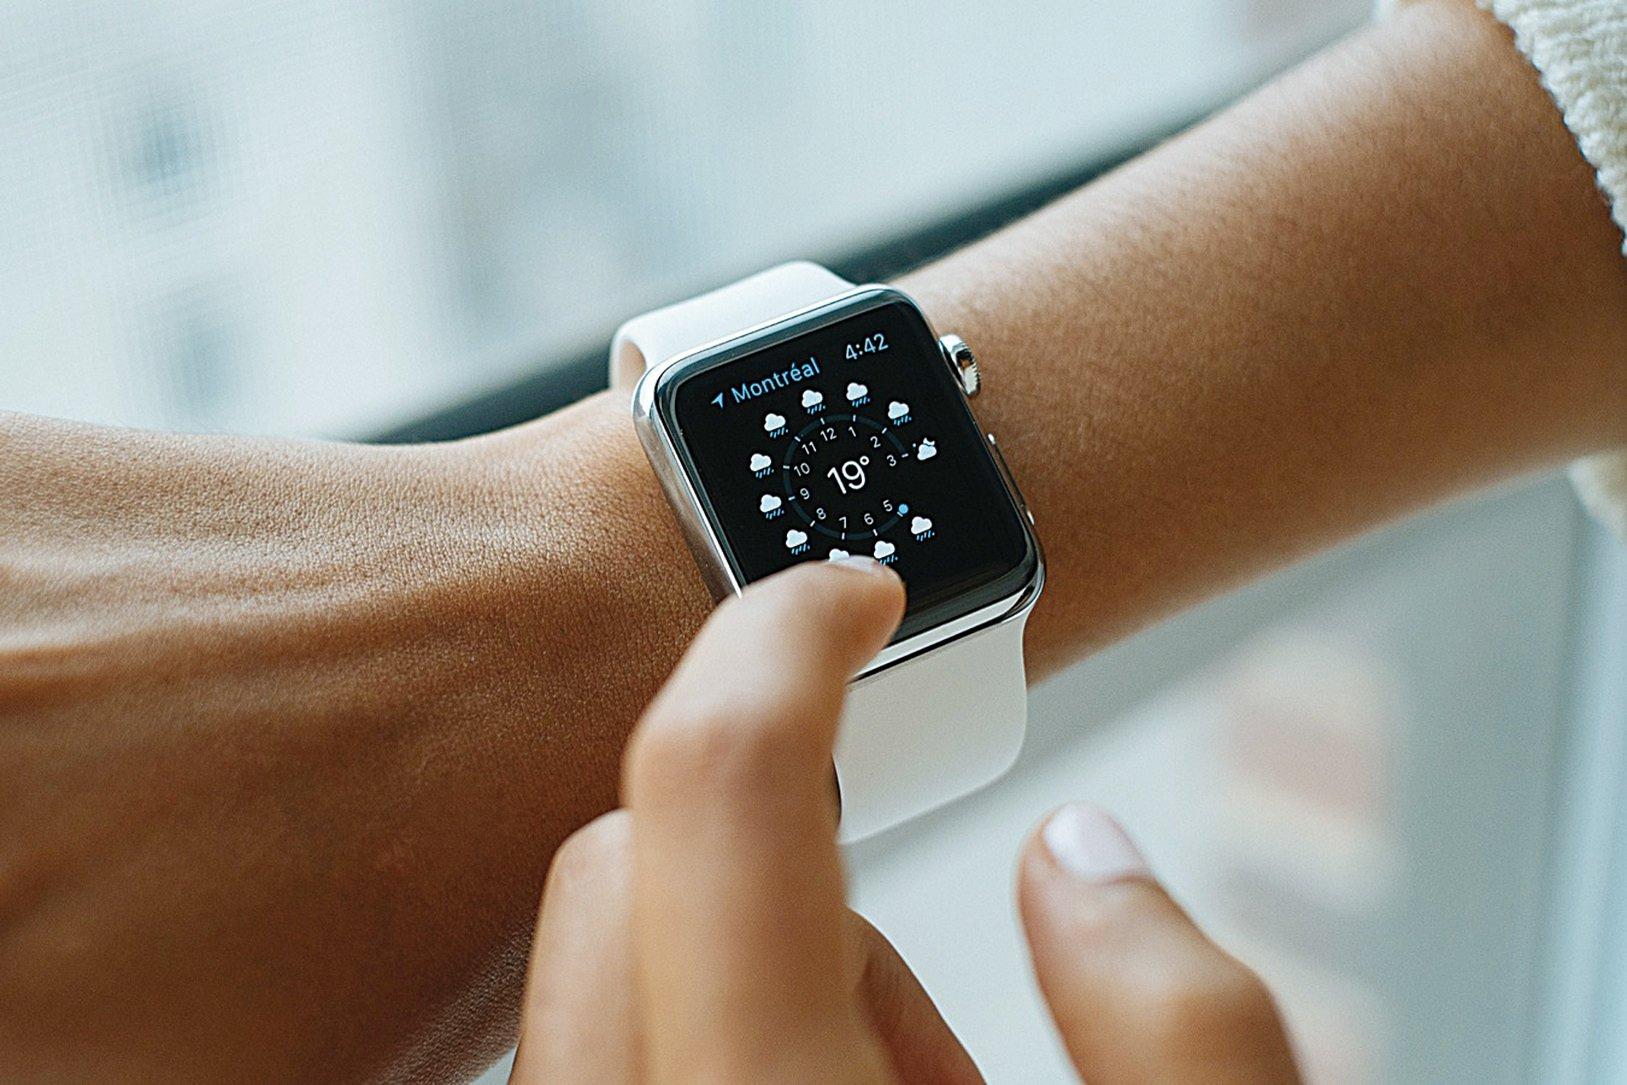 新款科技手錶能救人,讓人眼睛一亮。(Pxhere)